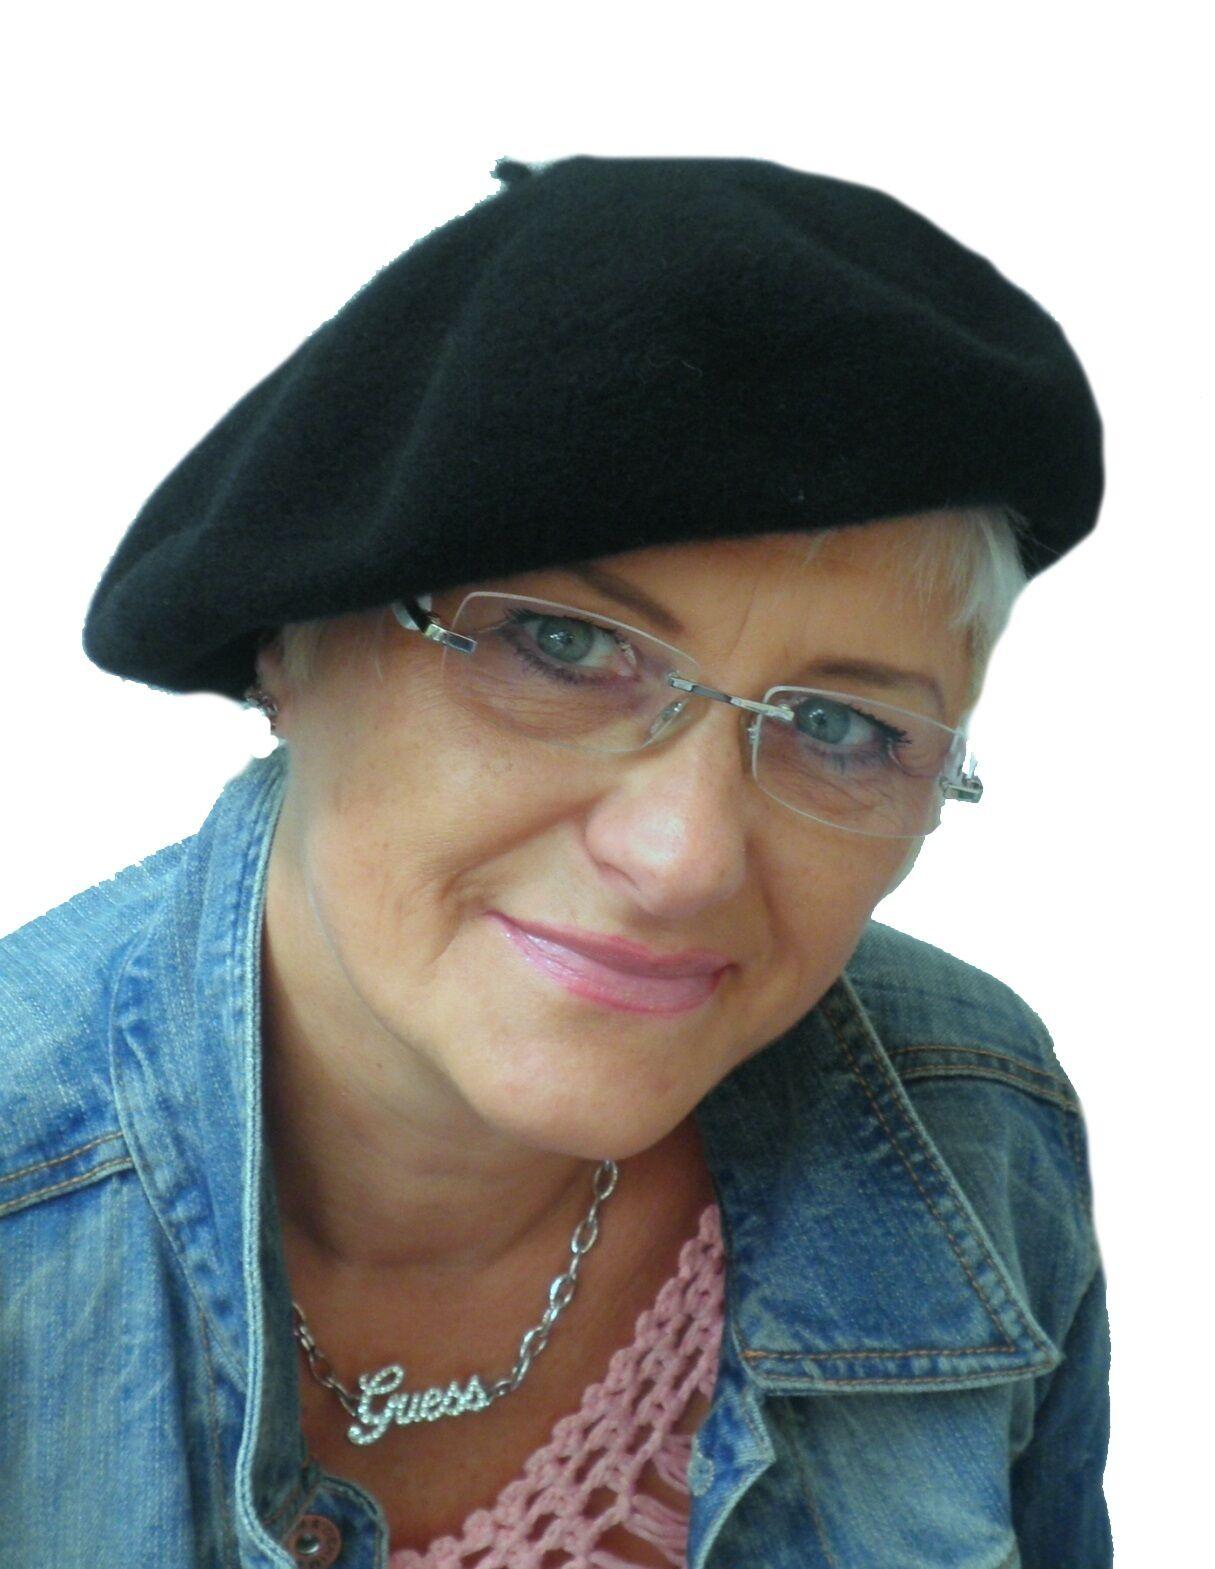 Damen Mütze Baskenmütze Wollmütze Franzosenmütze Barett Trend zeitlos schick